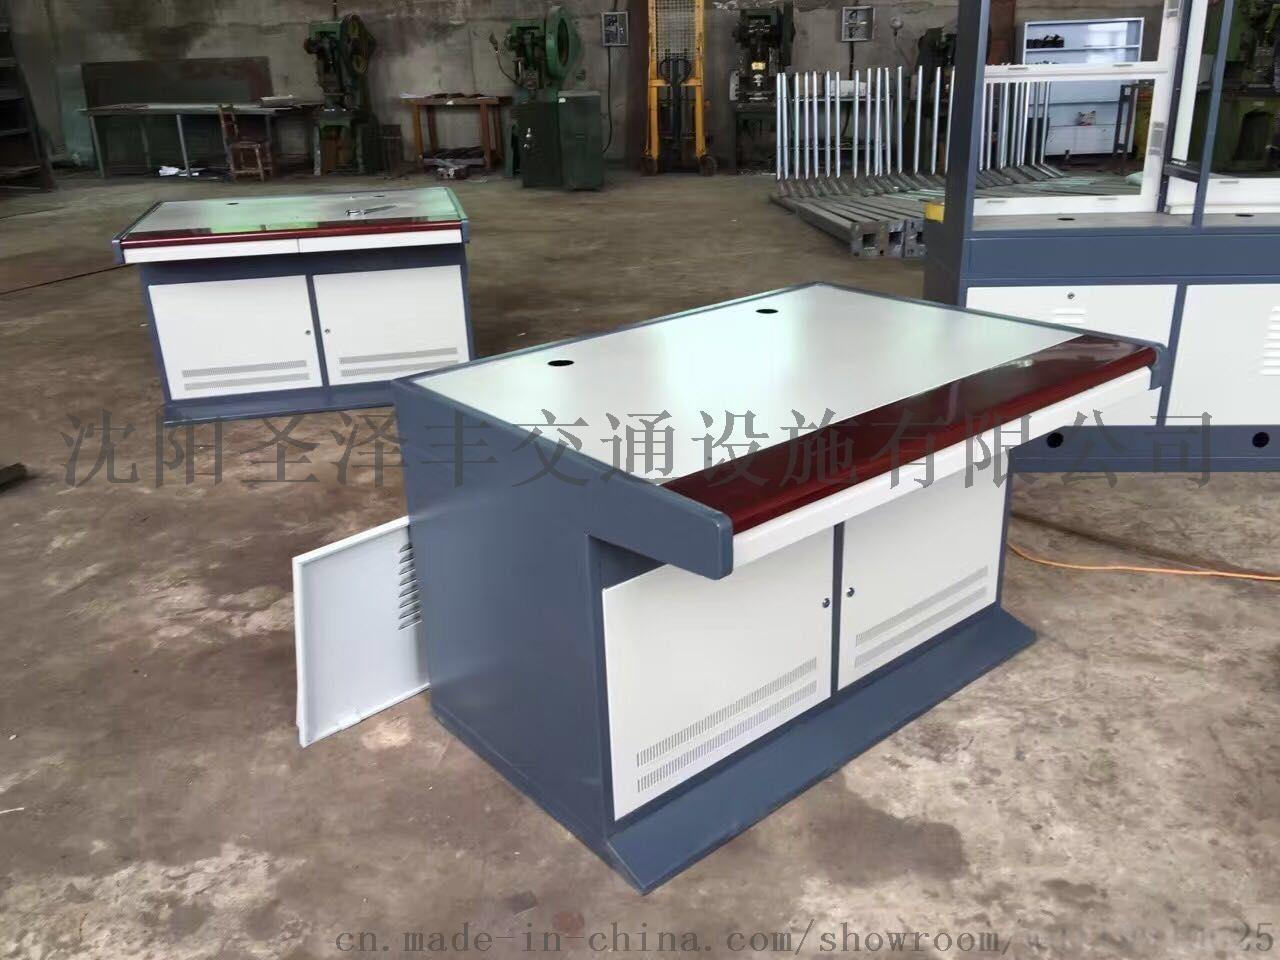 瀋陽設備箱,監控杆,機櫃,操作檯,電視牆廠家38277902